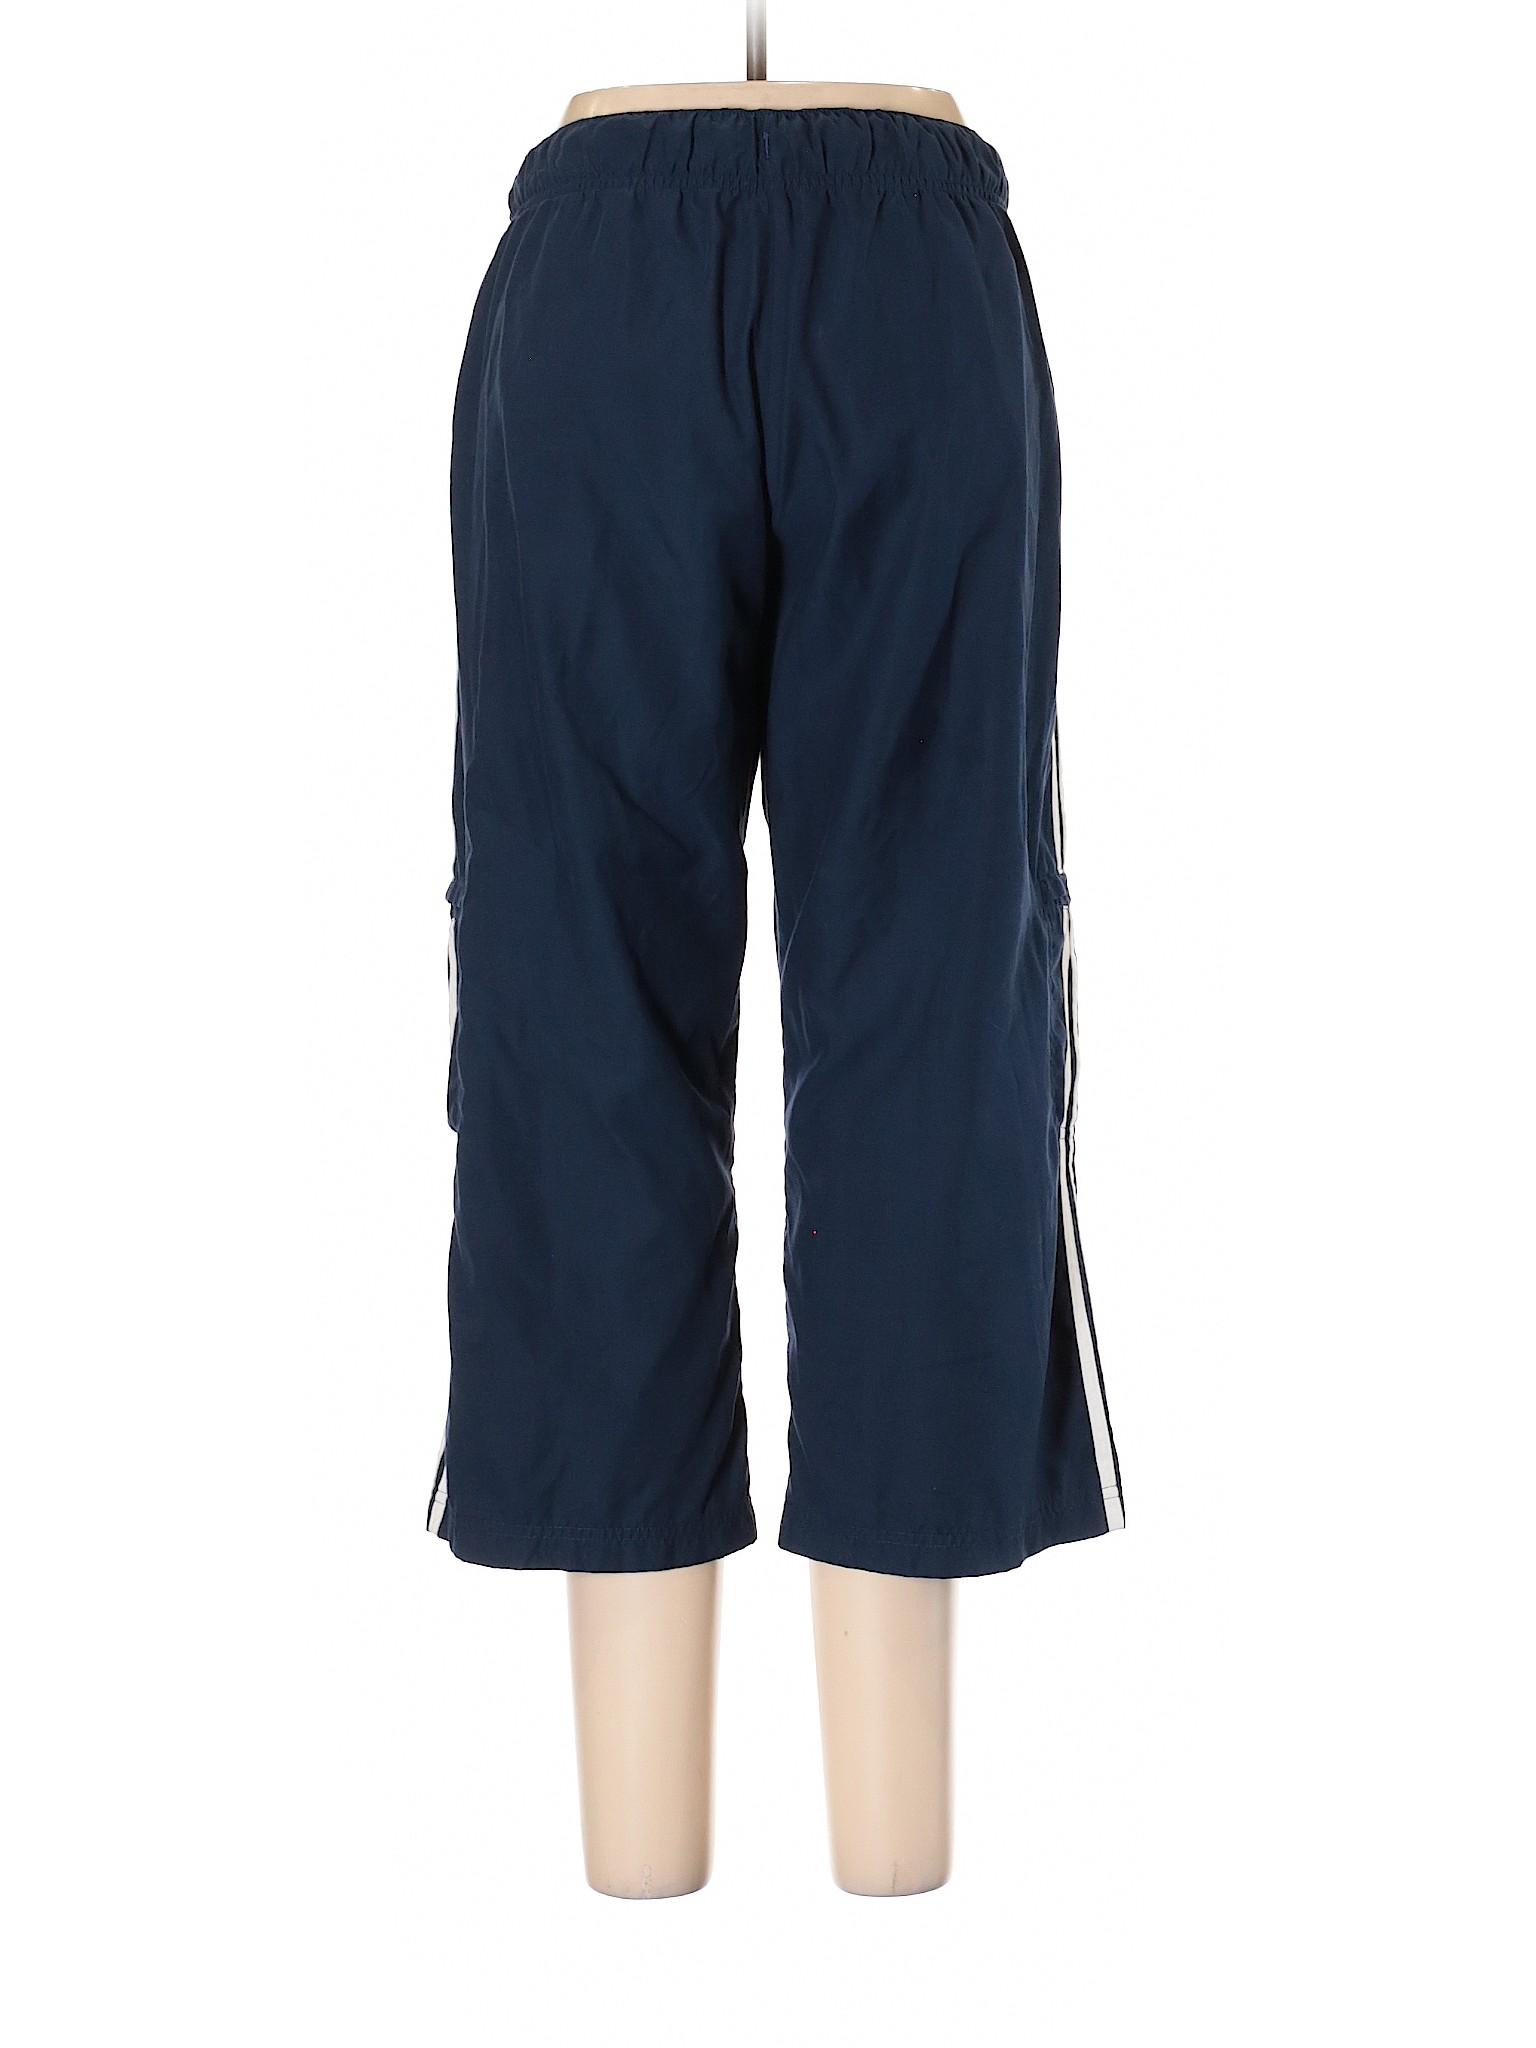 Boutique Pants Boutique Boutique winter winter Track Pants winter Track Track Adidas Adidas Adidas qq7aU8Aw